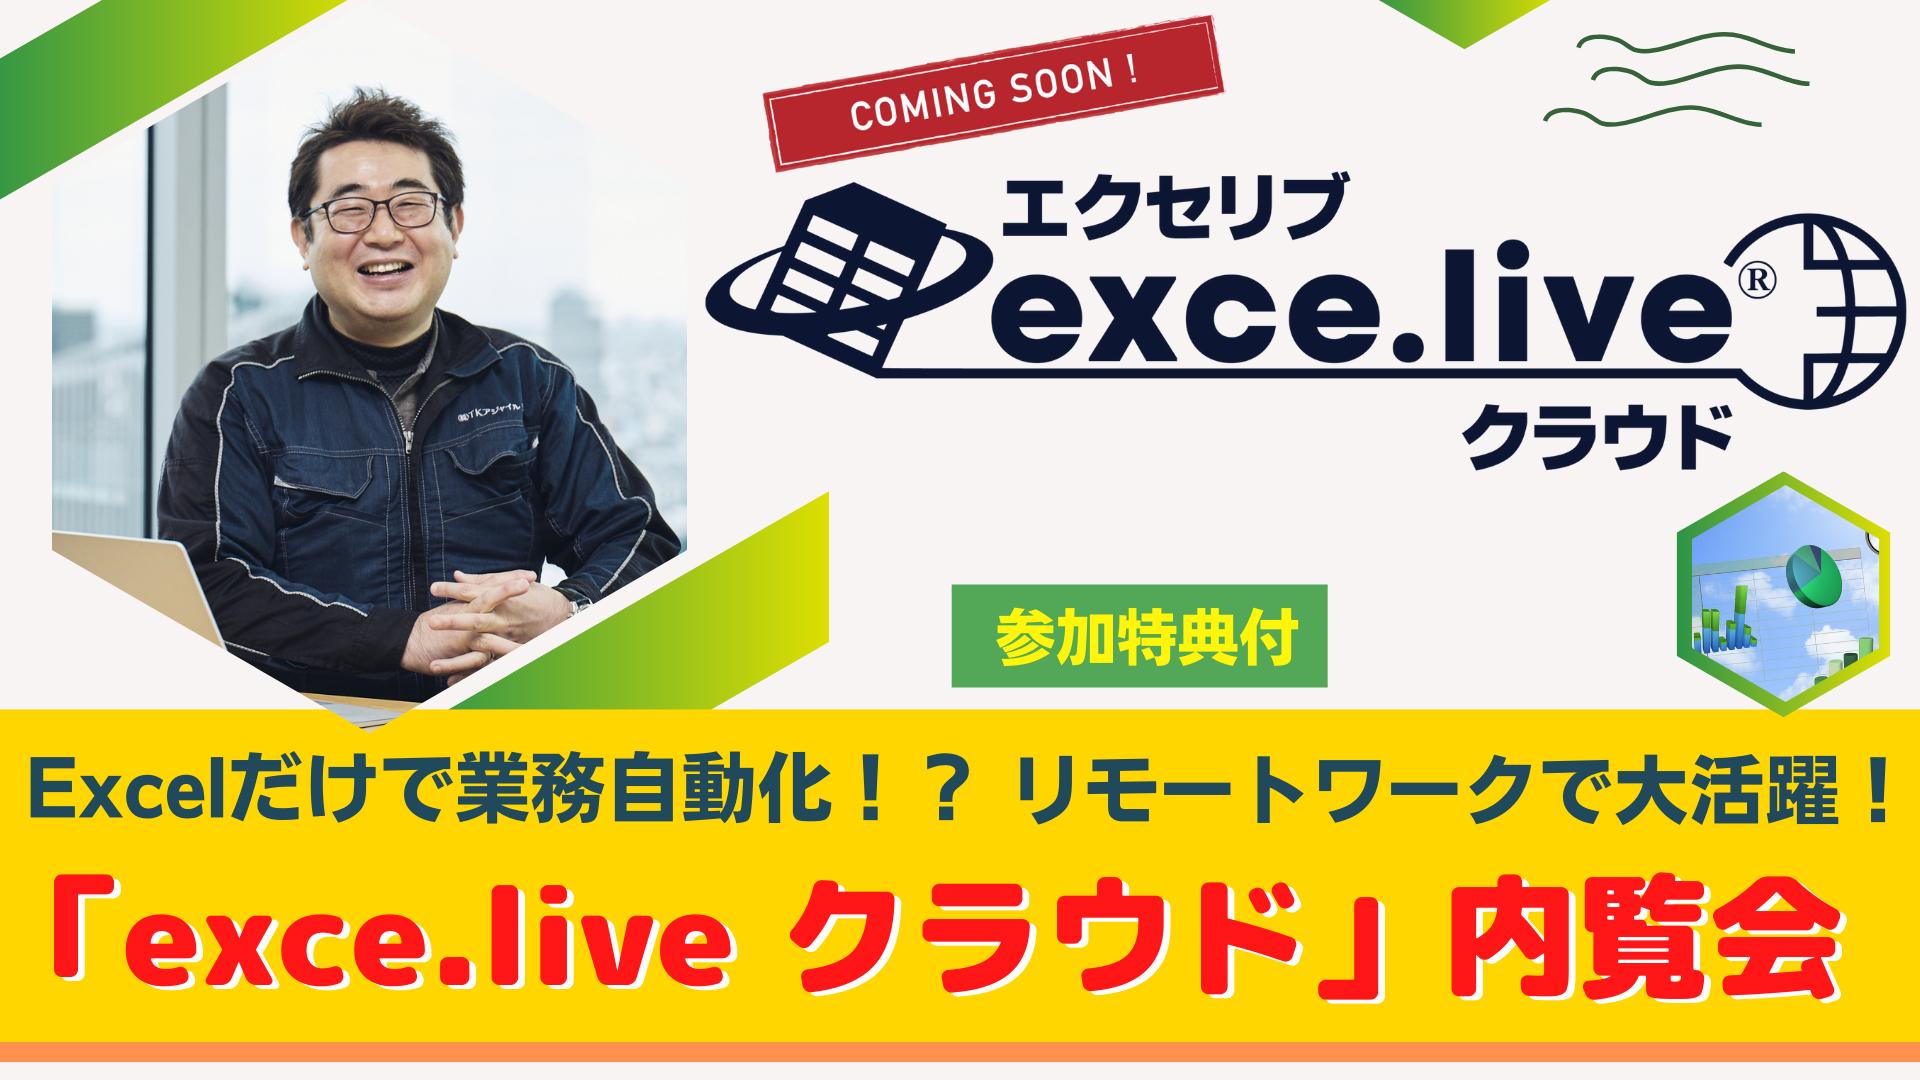 11/3 【参加特典付き】あのExcelだけで業務自動化!? リモートワークで大活躍「exce.live クラウド」内覧会